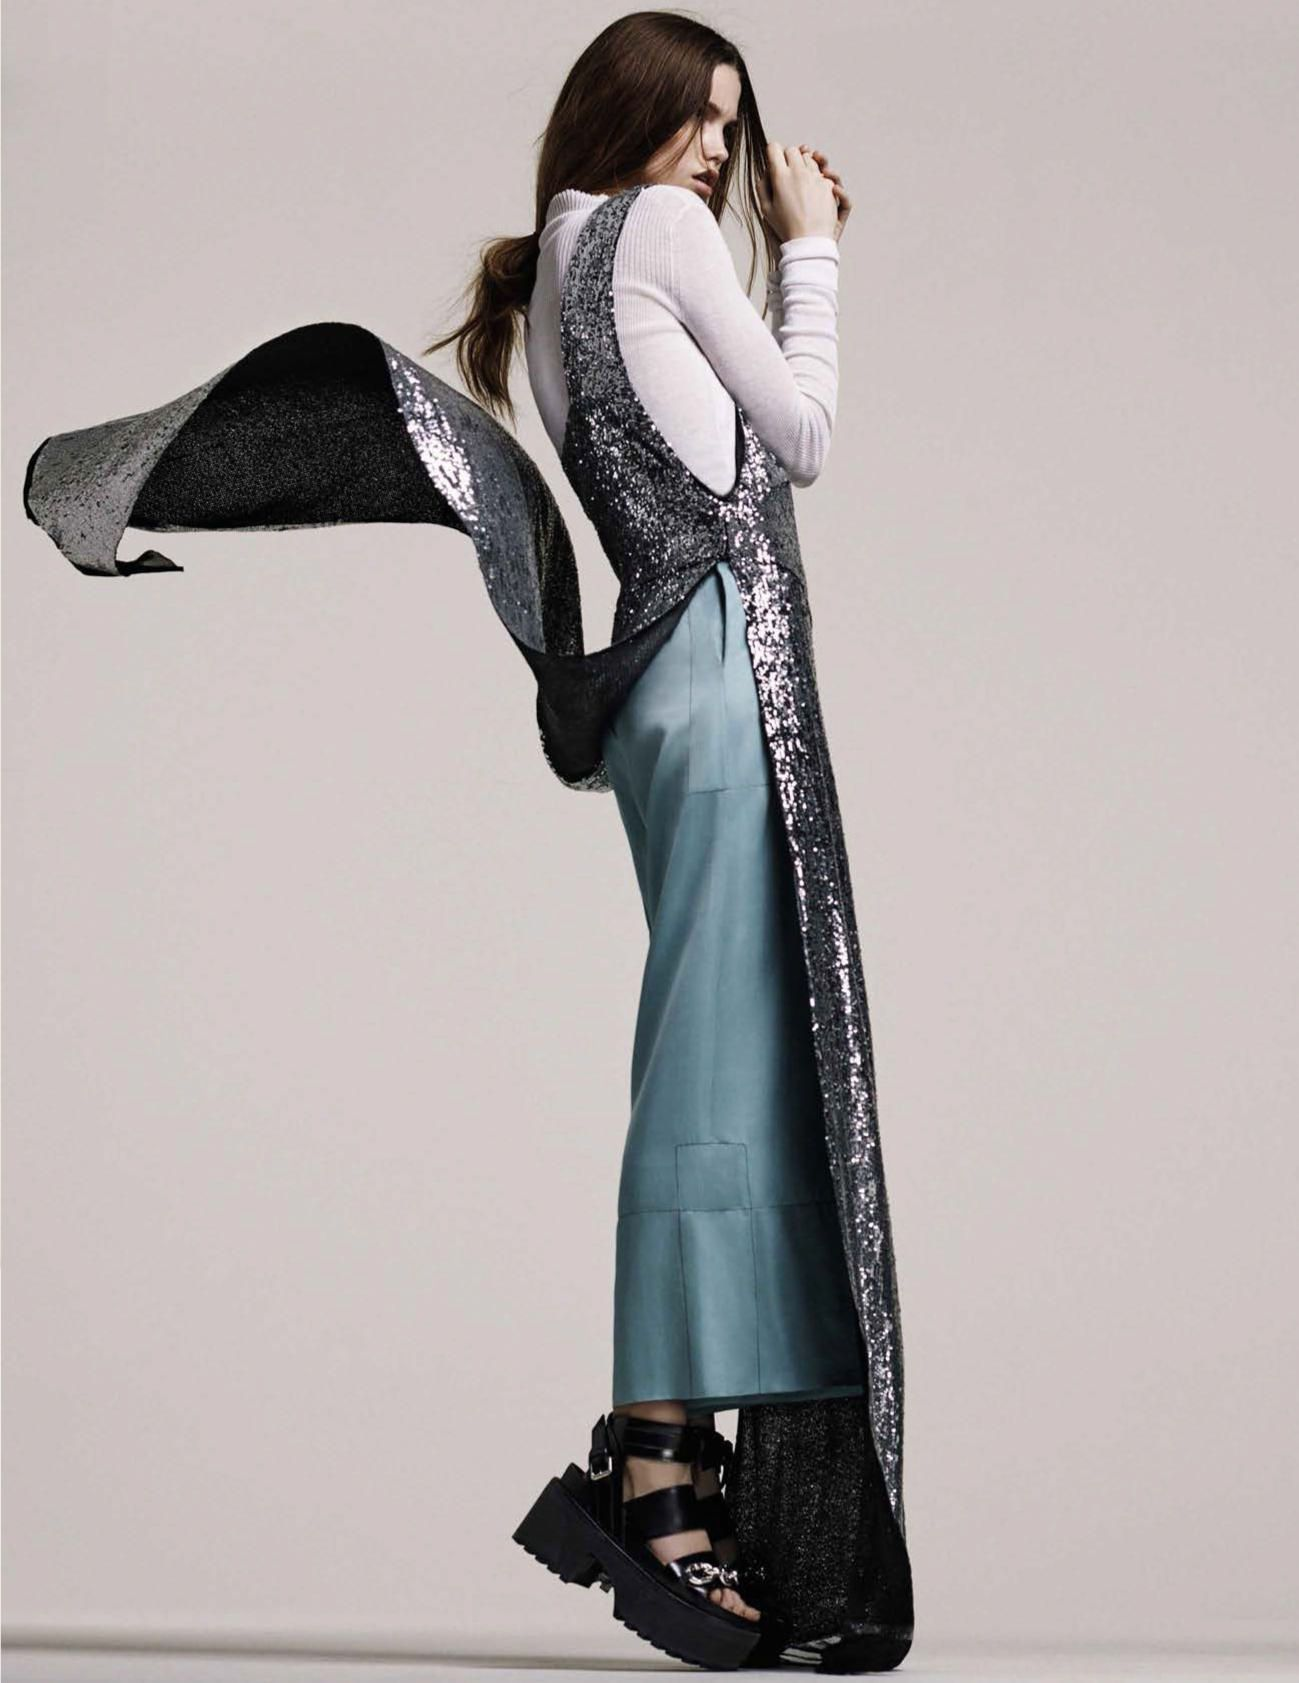 Luna Bijl by Steven Pan for Vogue Spain April 2016